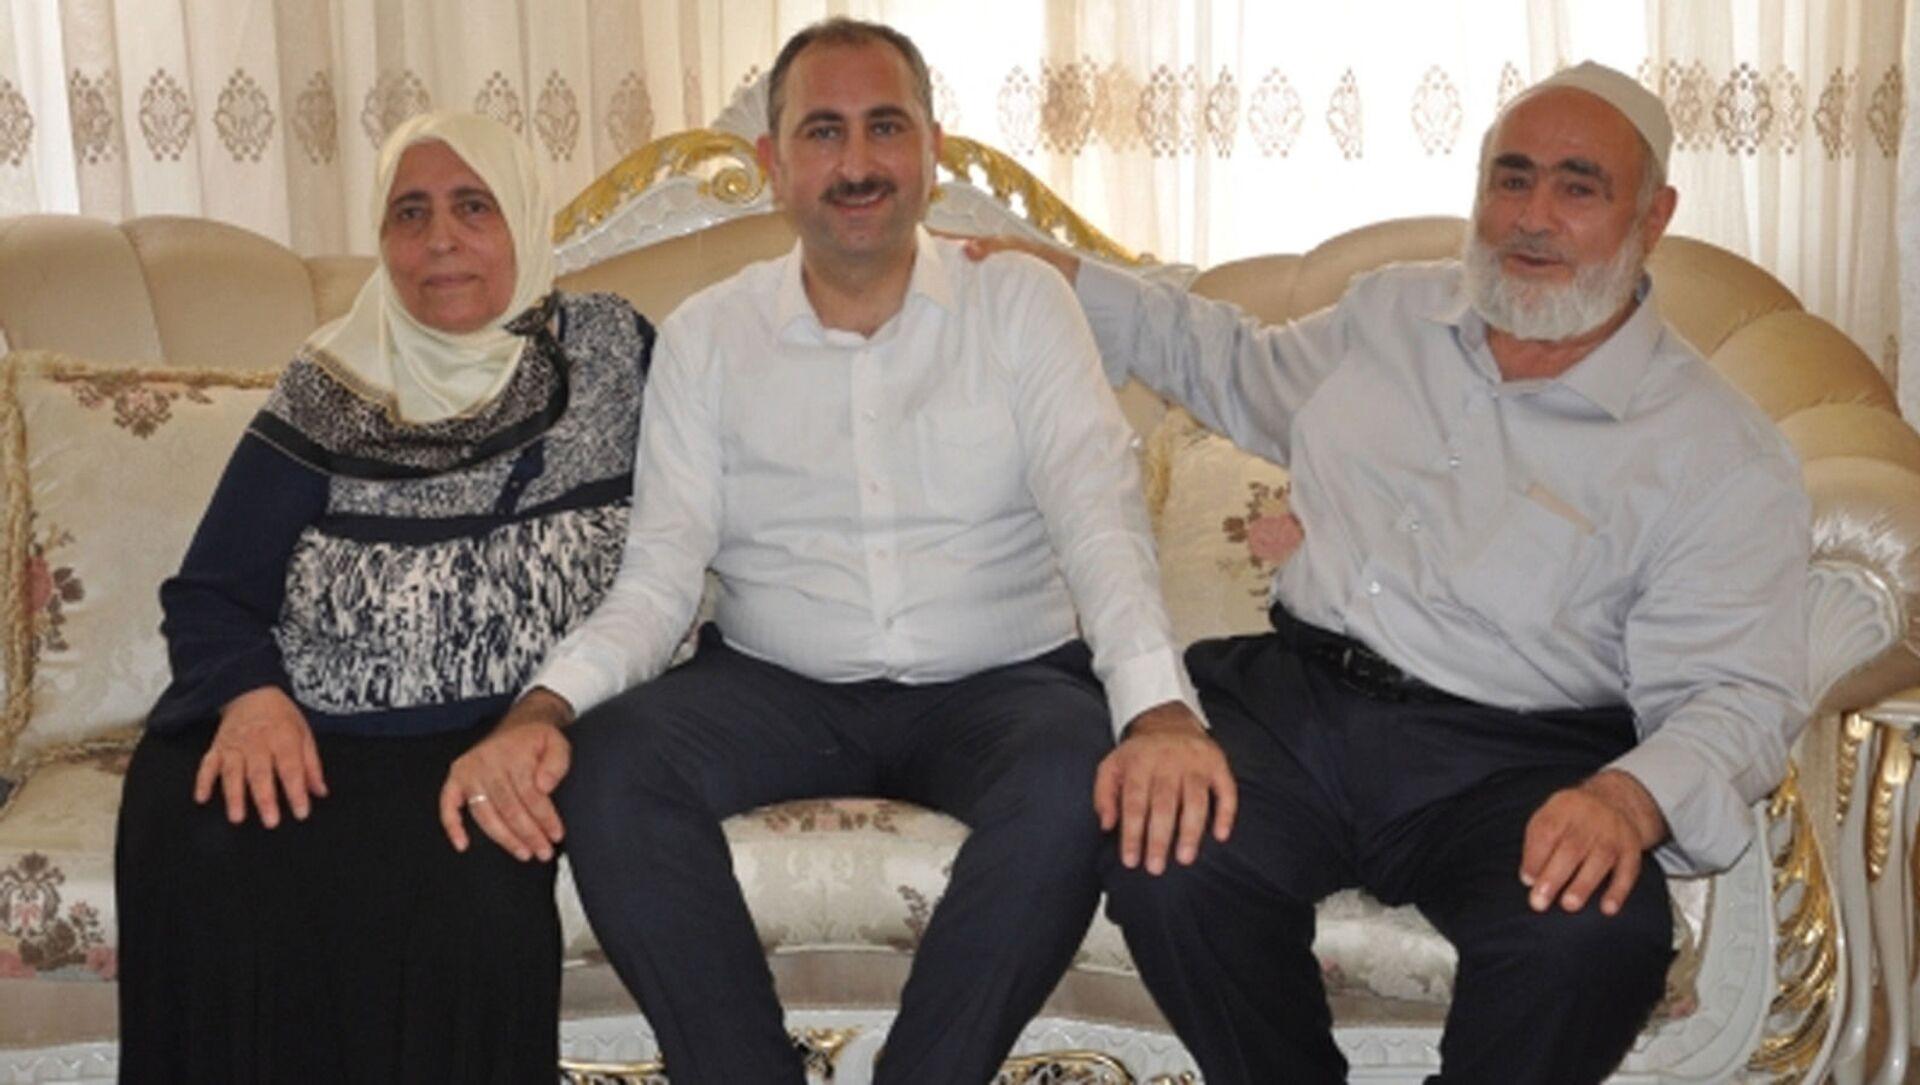 Adalet Bakanı Abdulhamit Gül'ün annesi vefat etti - Sputnik Türkiye, 1920, 09.04.2021